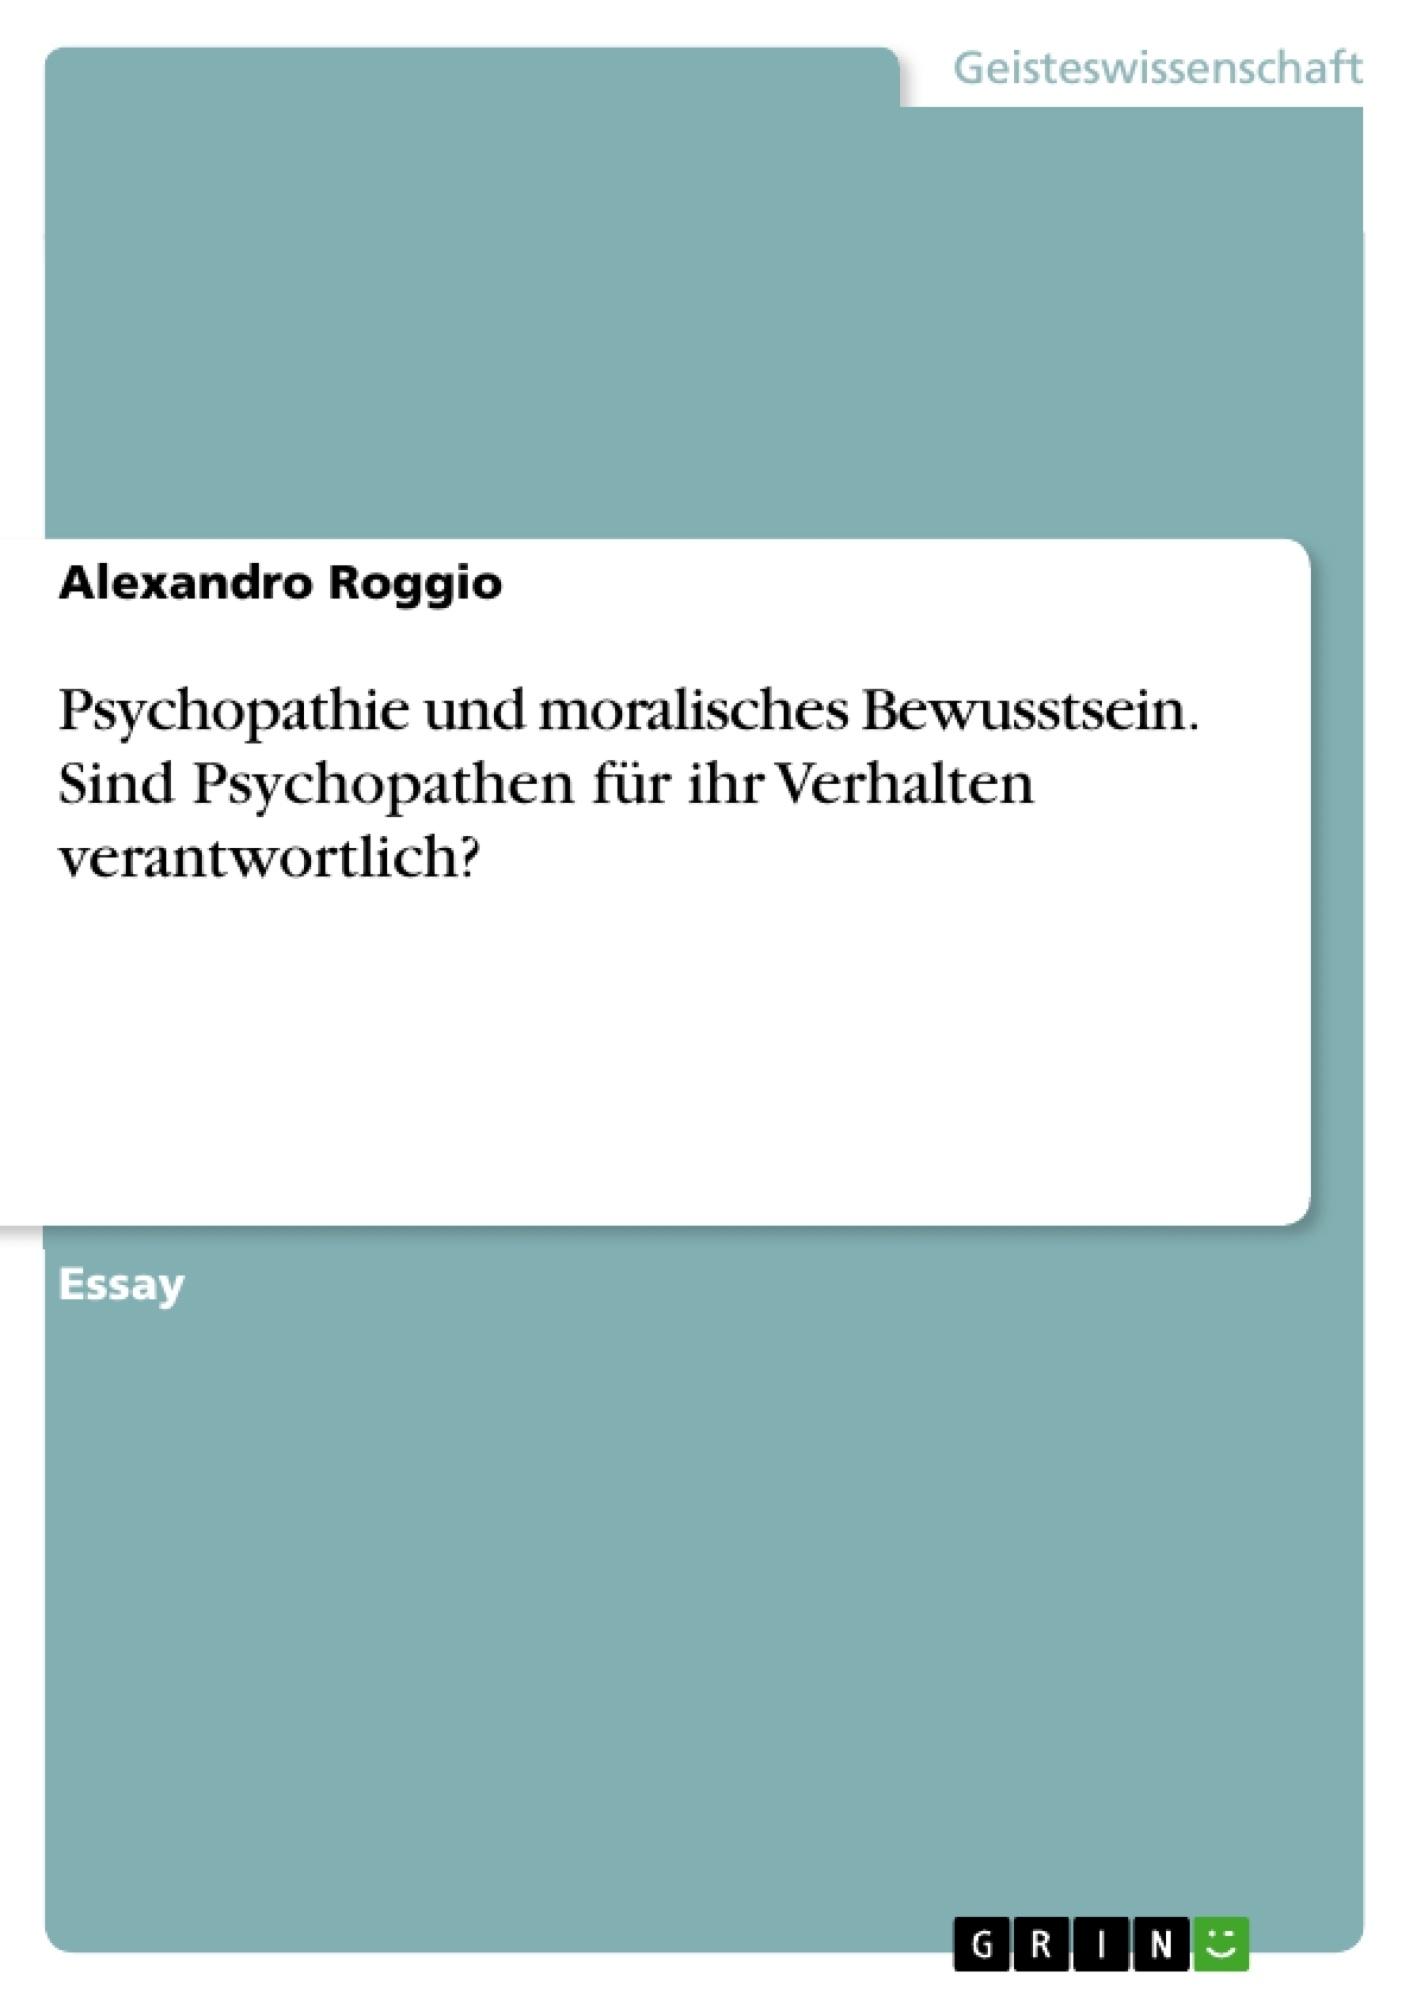 Titel: Psychopathie und moralisches Bewusstsein. Sind Psychopathen für ihr Verhalten verantwortlich?